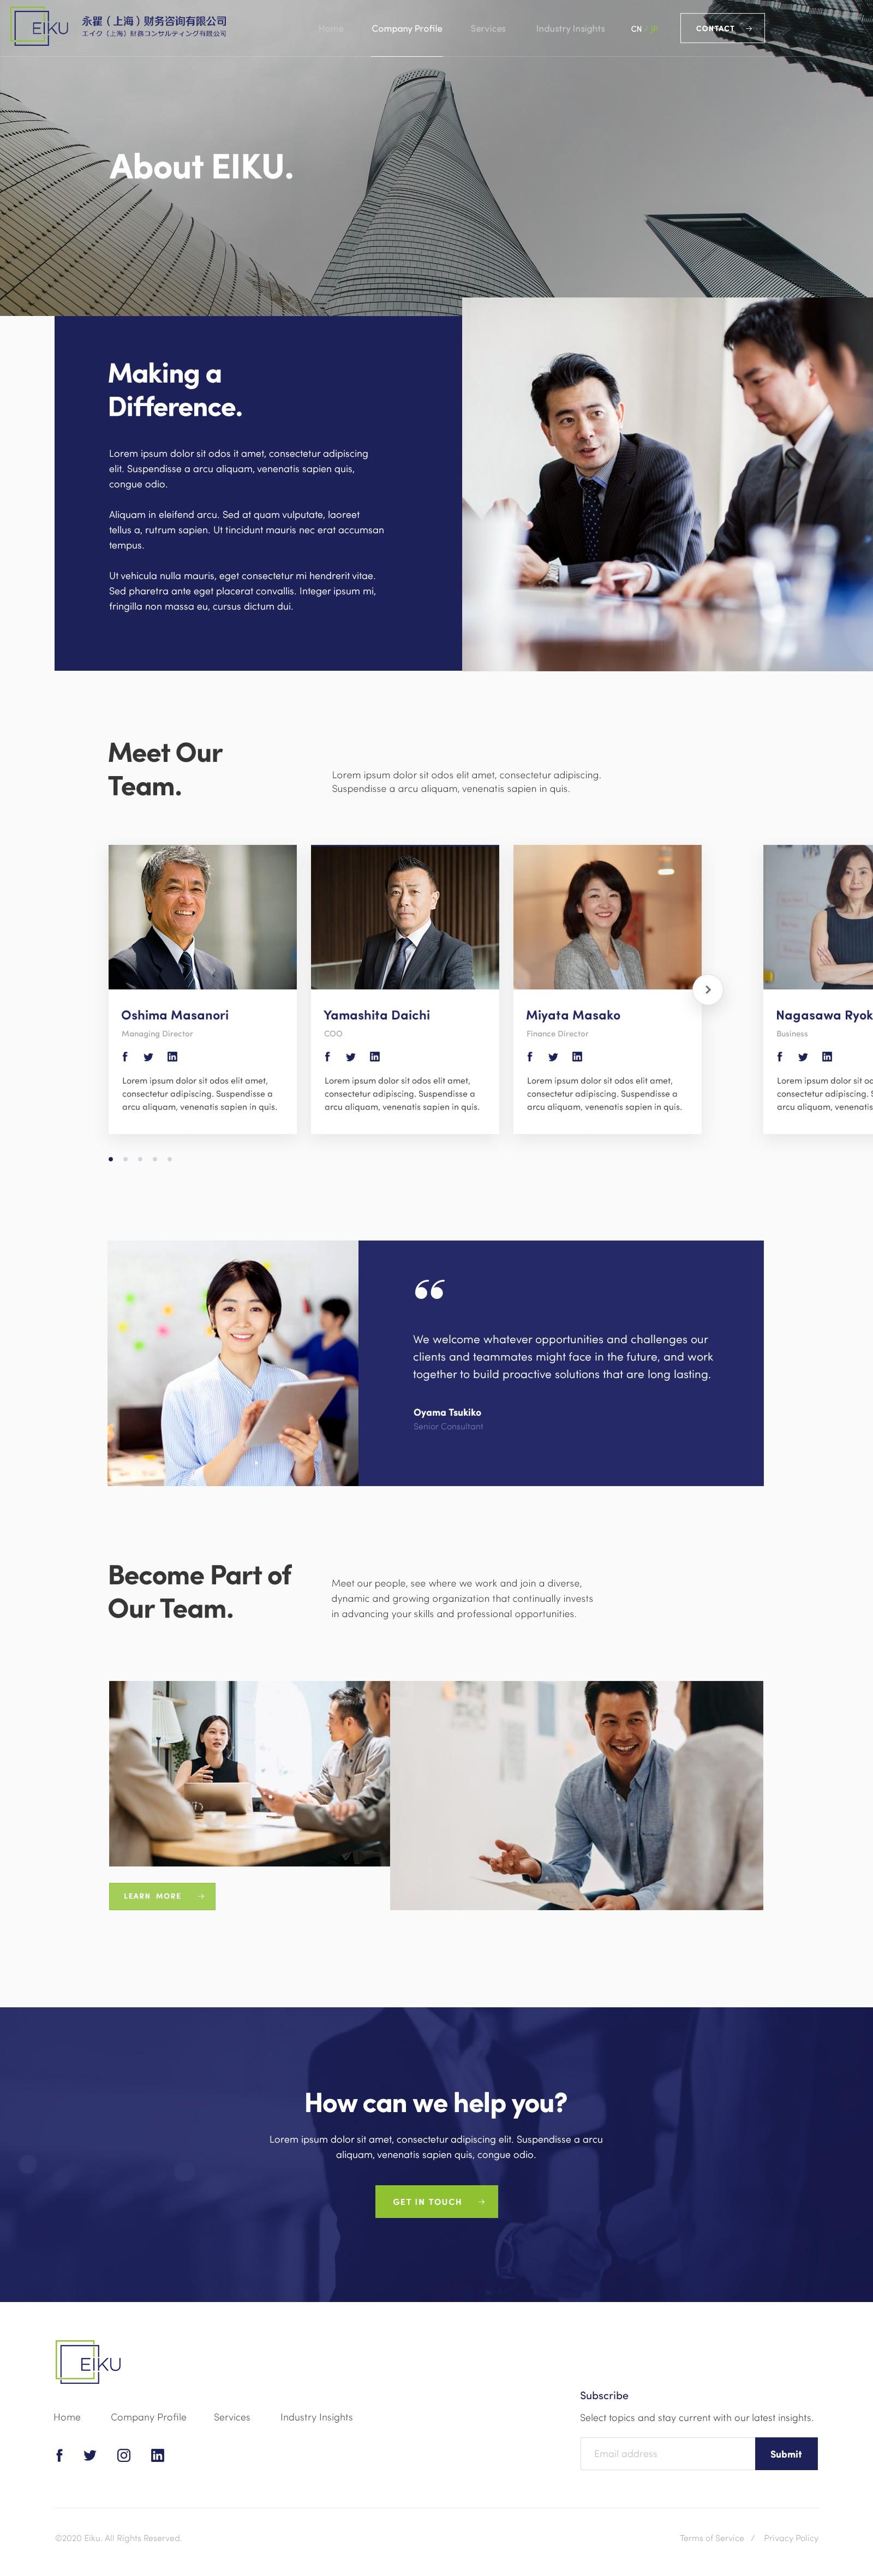 プロフェッショナルで信頼感のあるウェブサイトを作成してください。